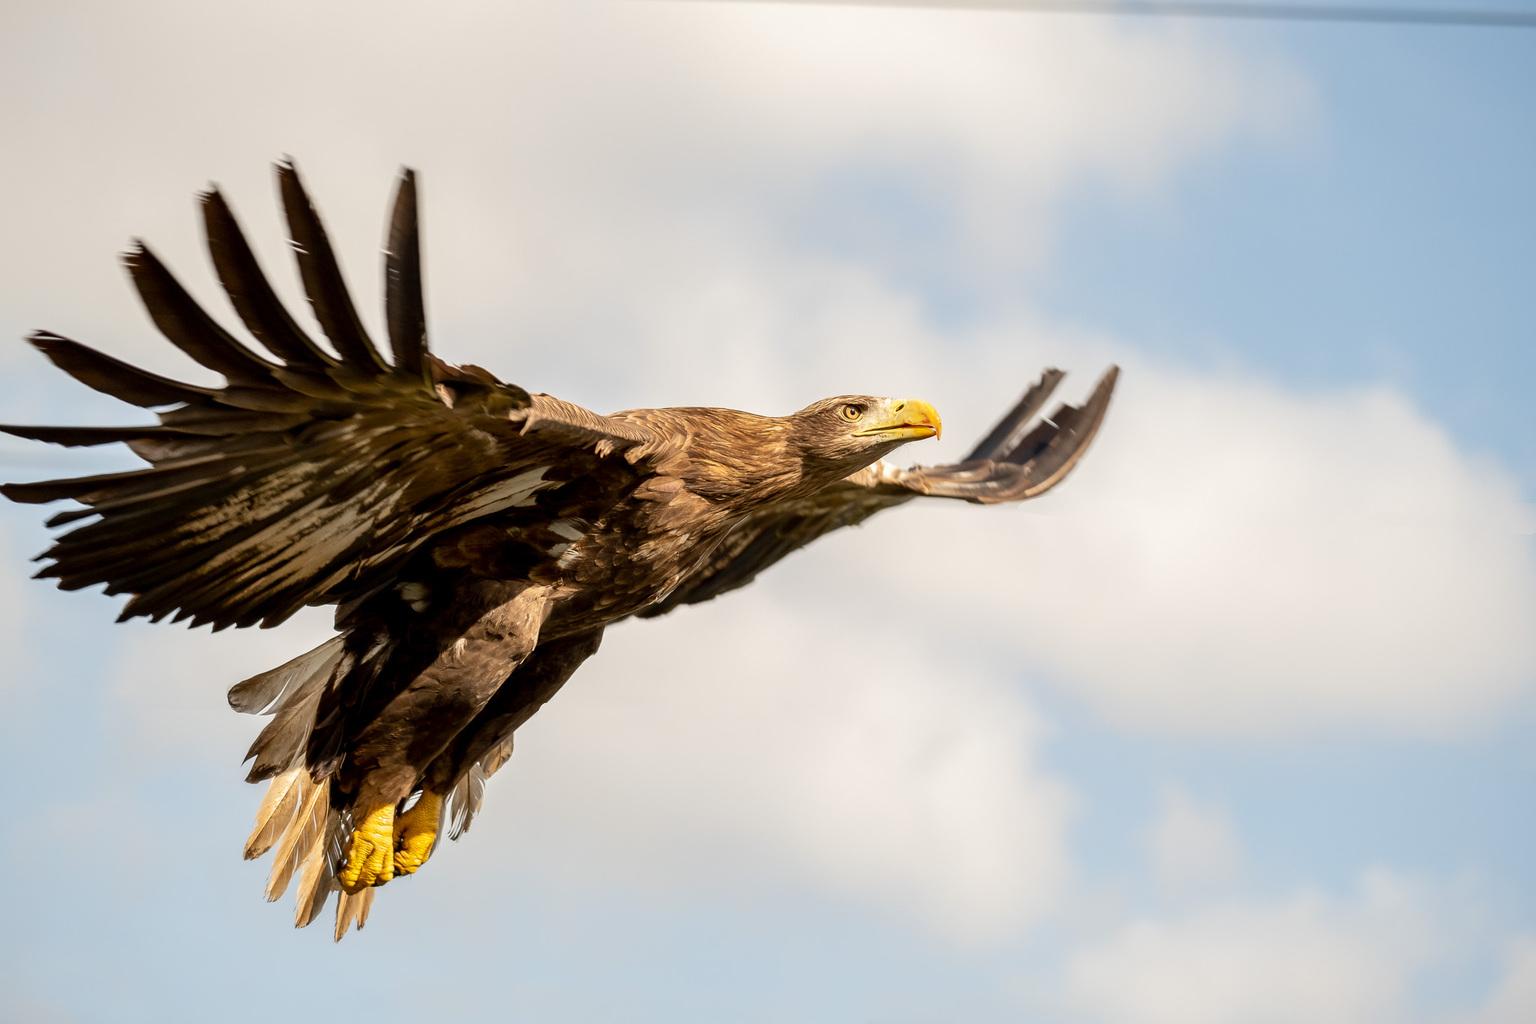 Higher and higher... - Zee arend in de vlucht - foto door diana10 op 10-04-2021 - deze foto bevat: roofvogels, zee arend, europese zeearend, wolk, lucht, vogel, accipitridae, bek, falconiformes, roofvogel, hout, accipitriformes, veer